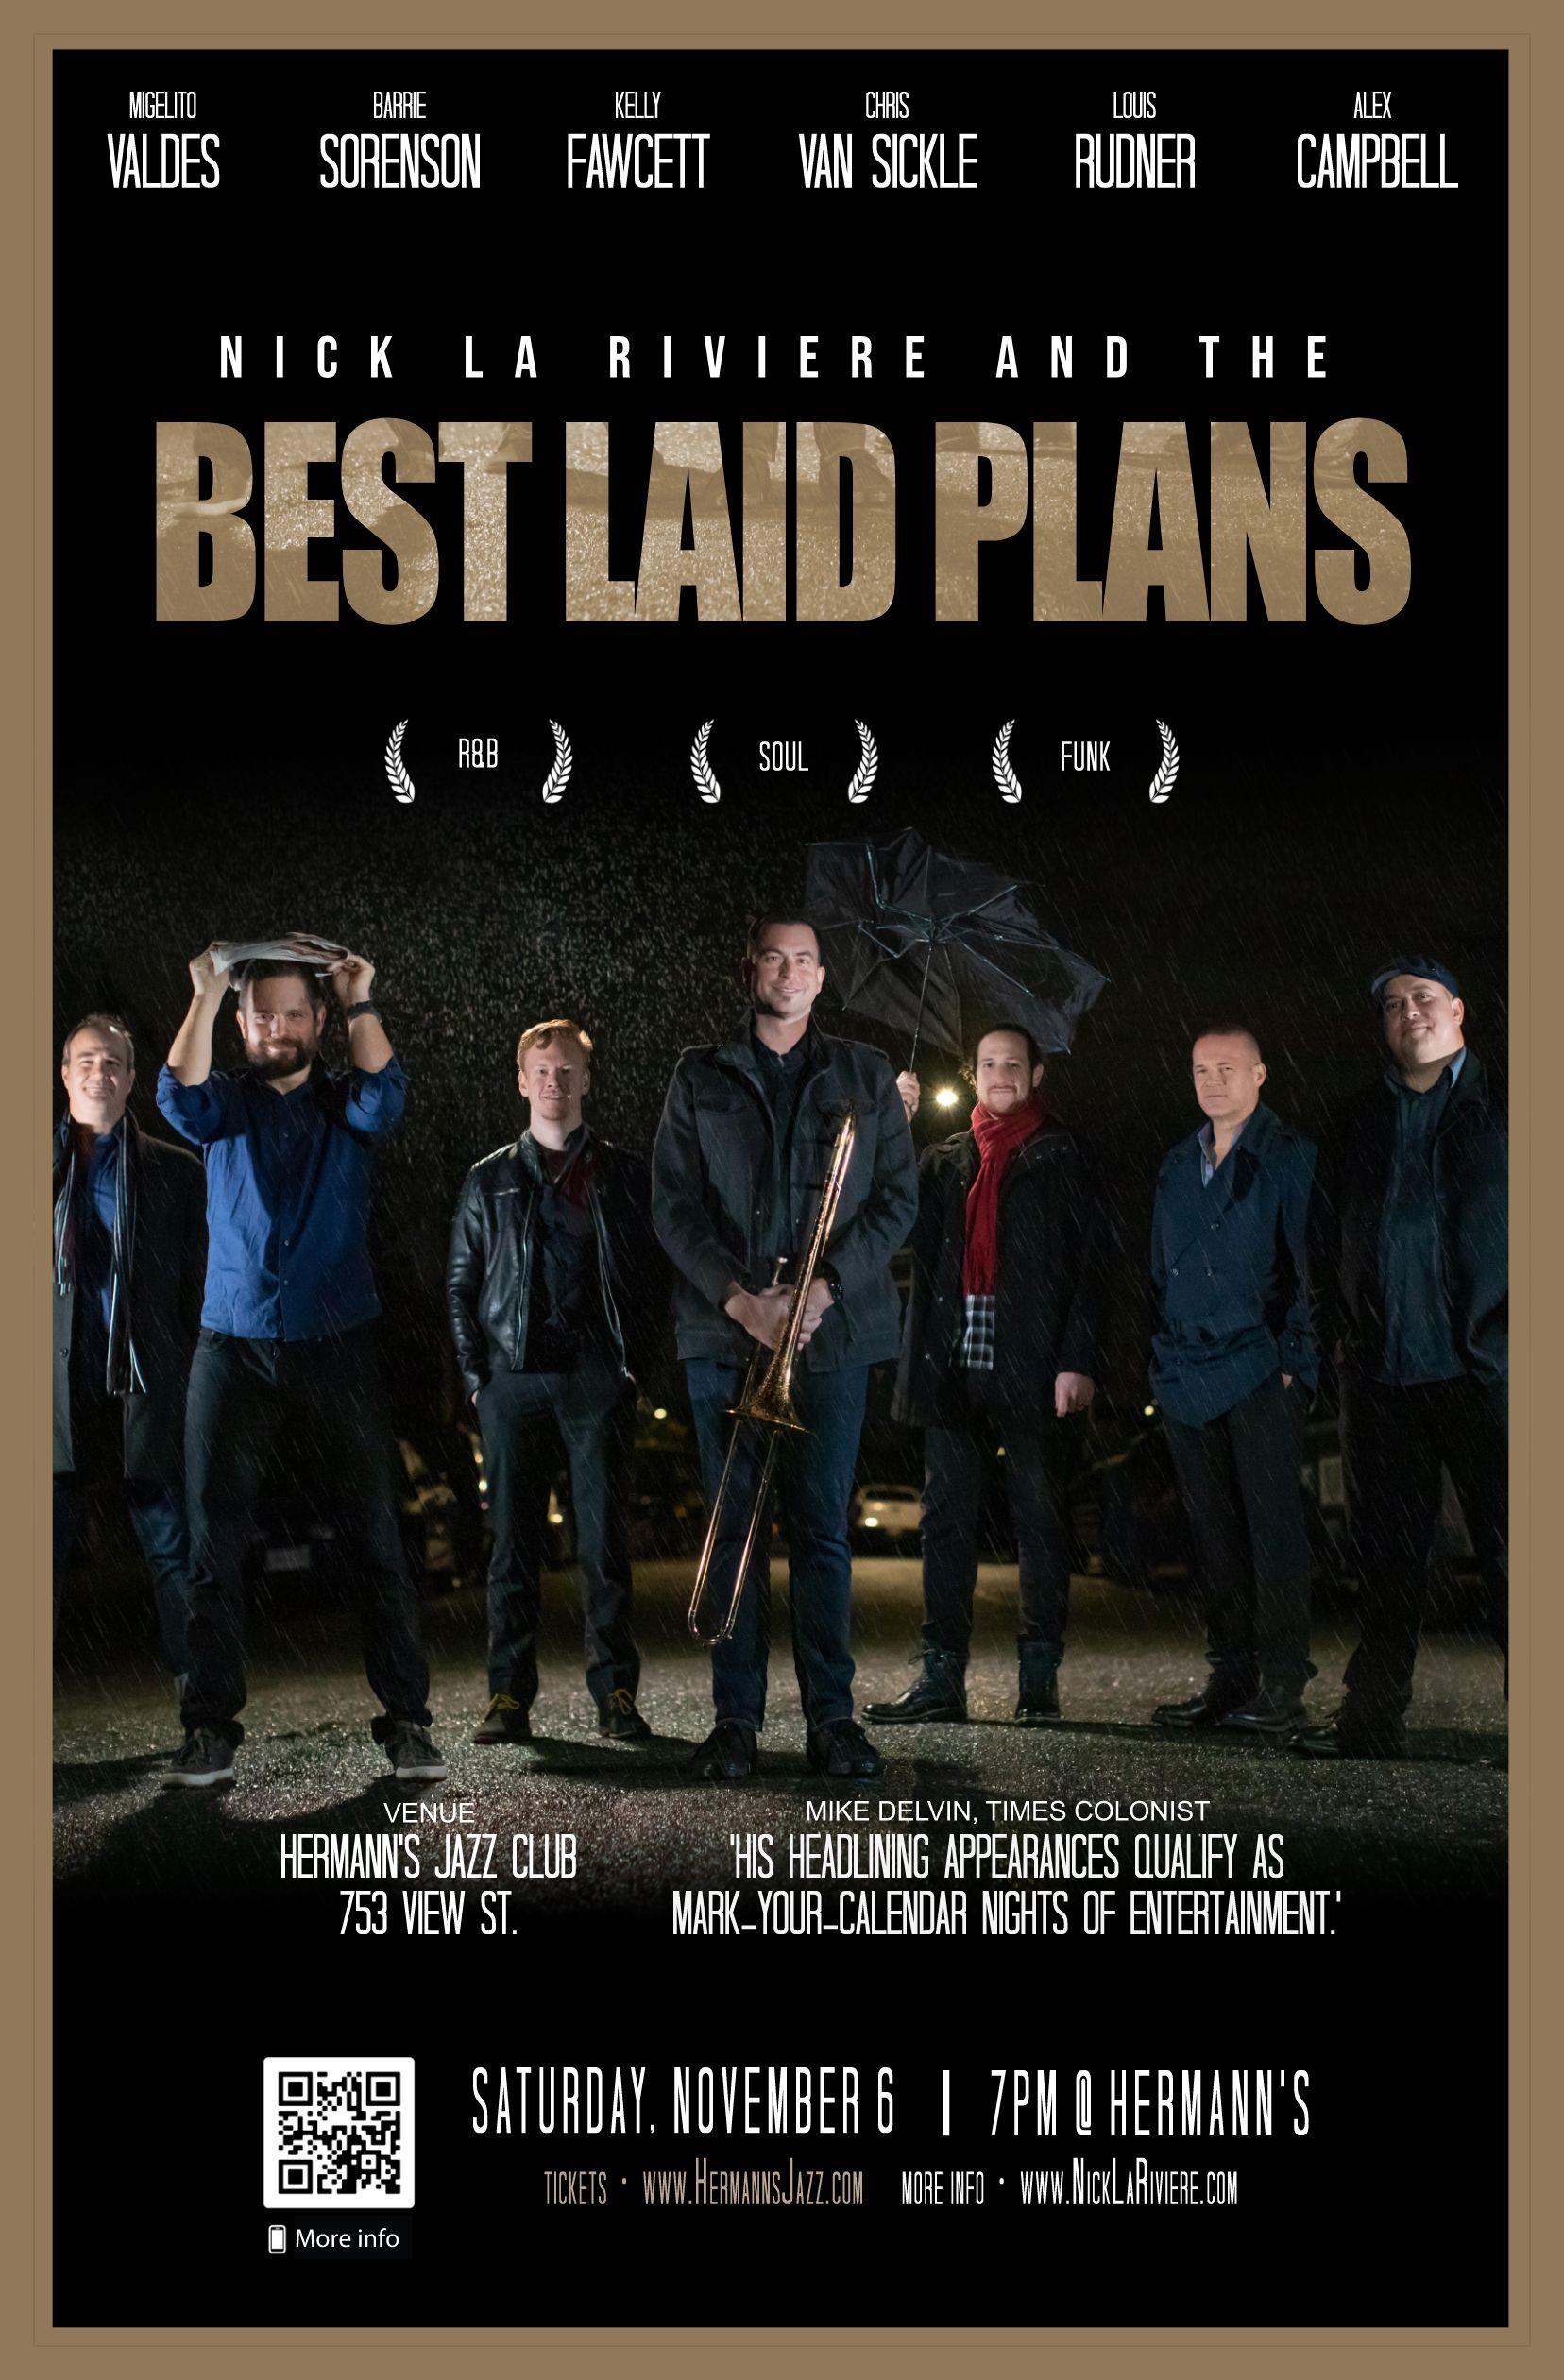 Best Laid Plans pdf no layers